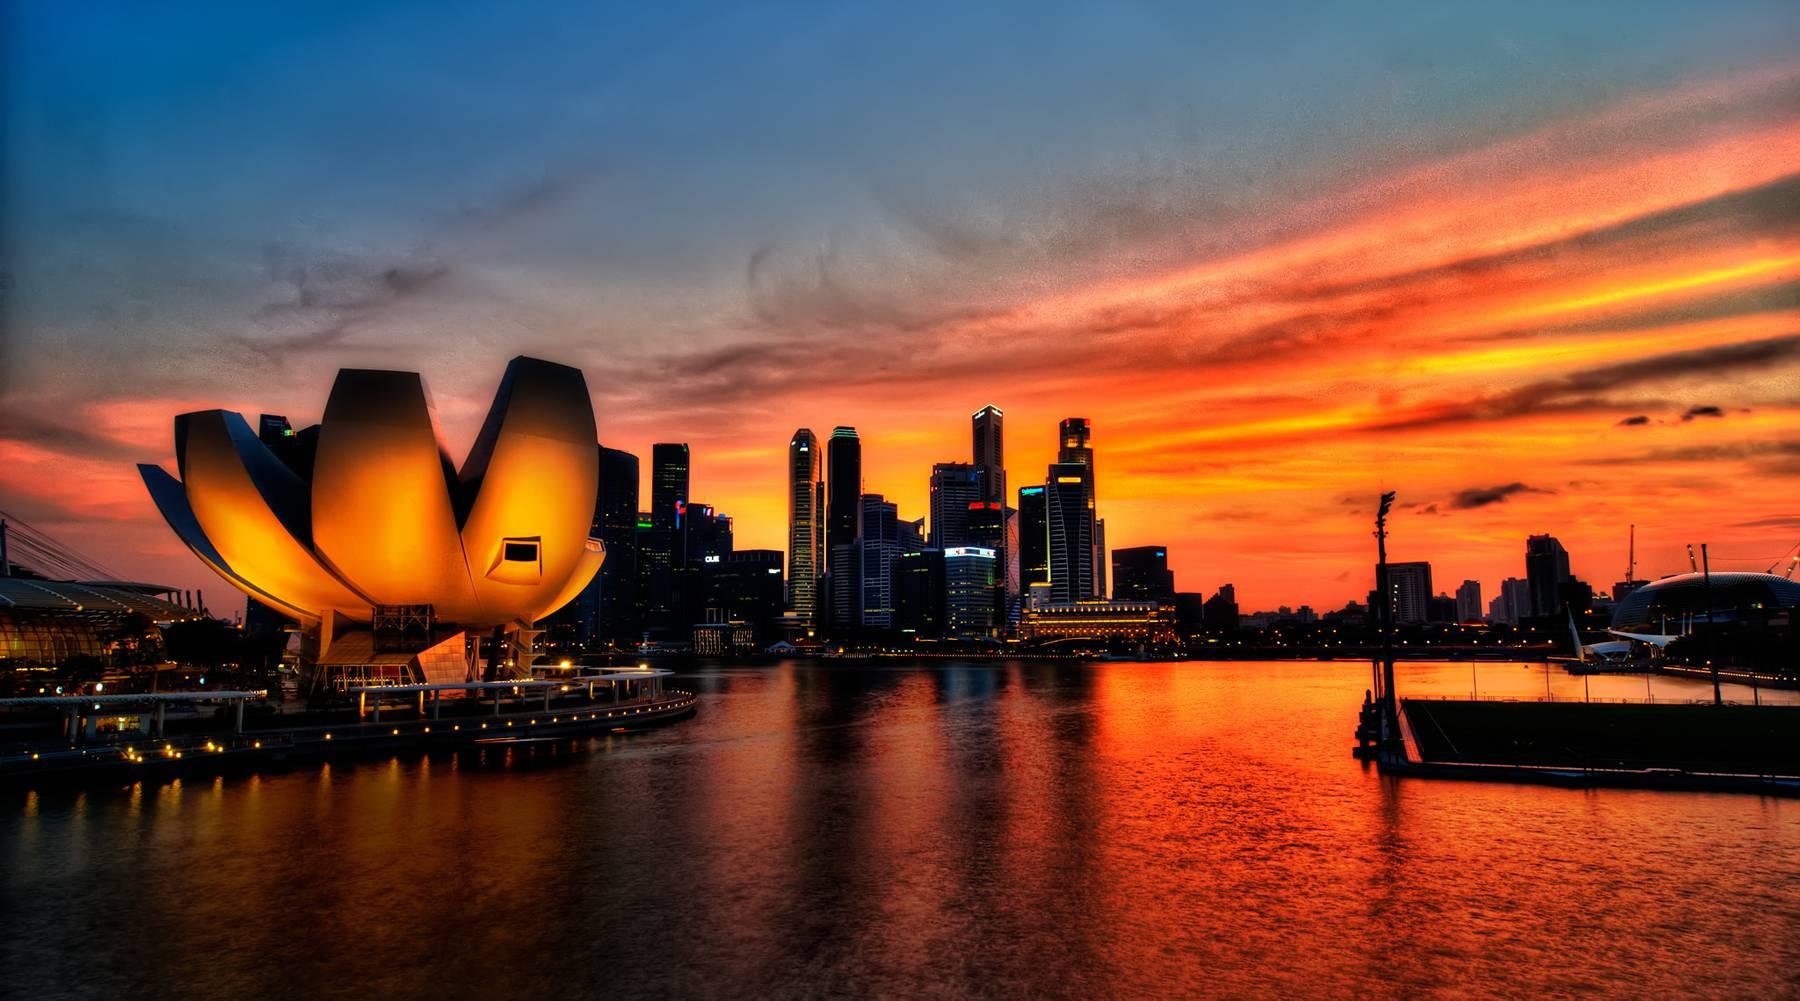 Nhận vận chuyển hàng Singapore về Việt Nam giá ưu đãi